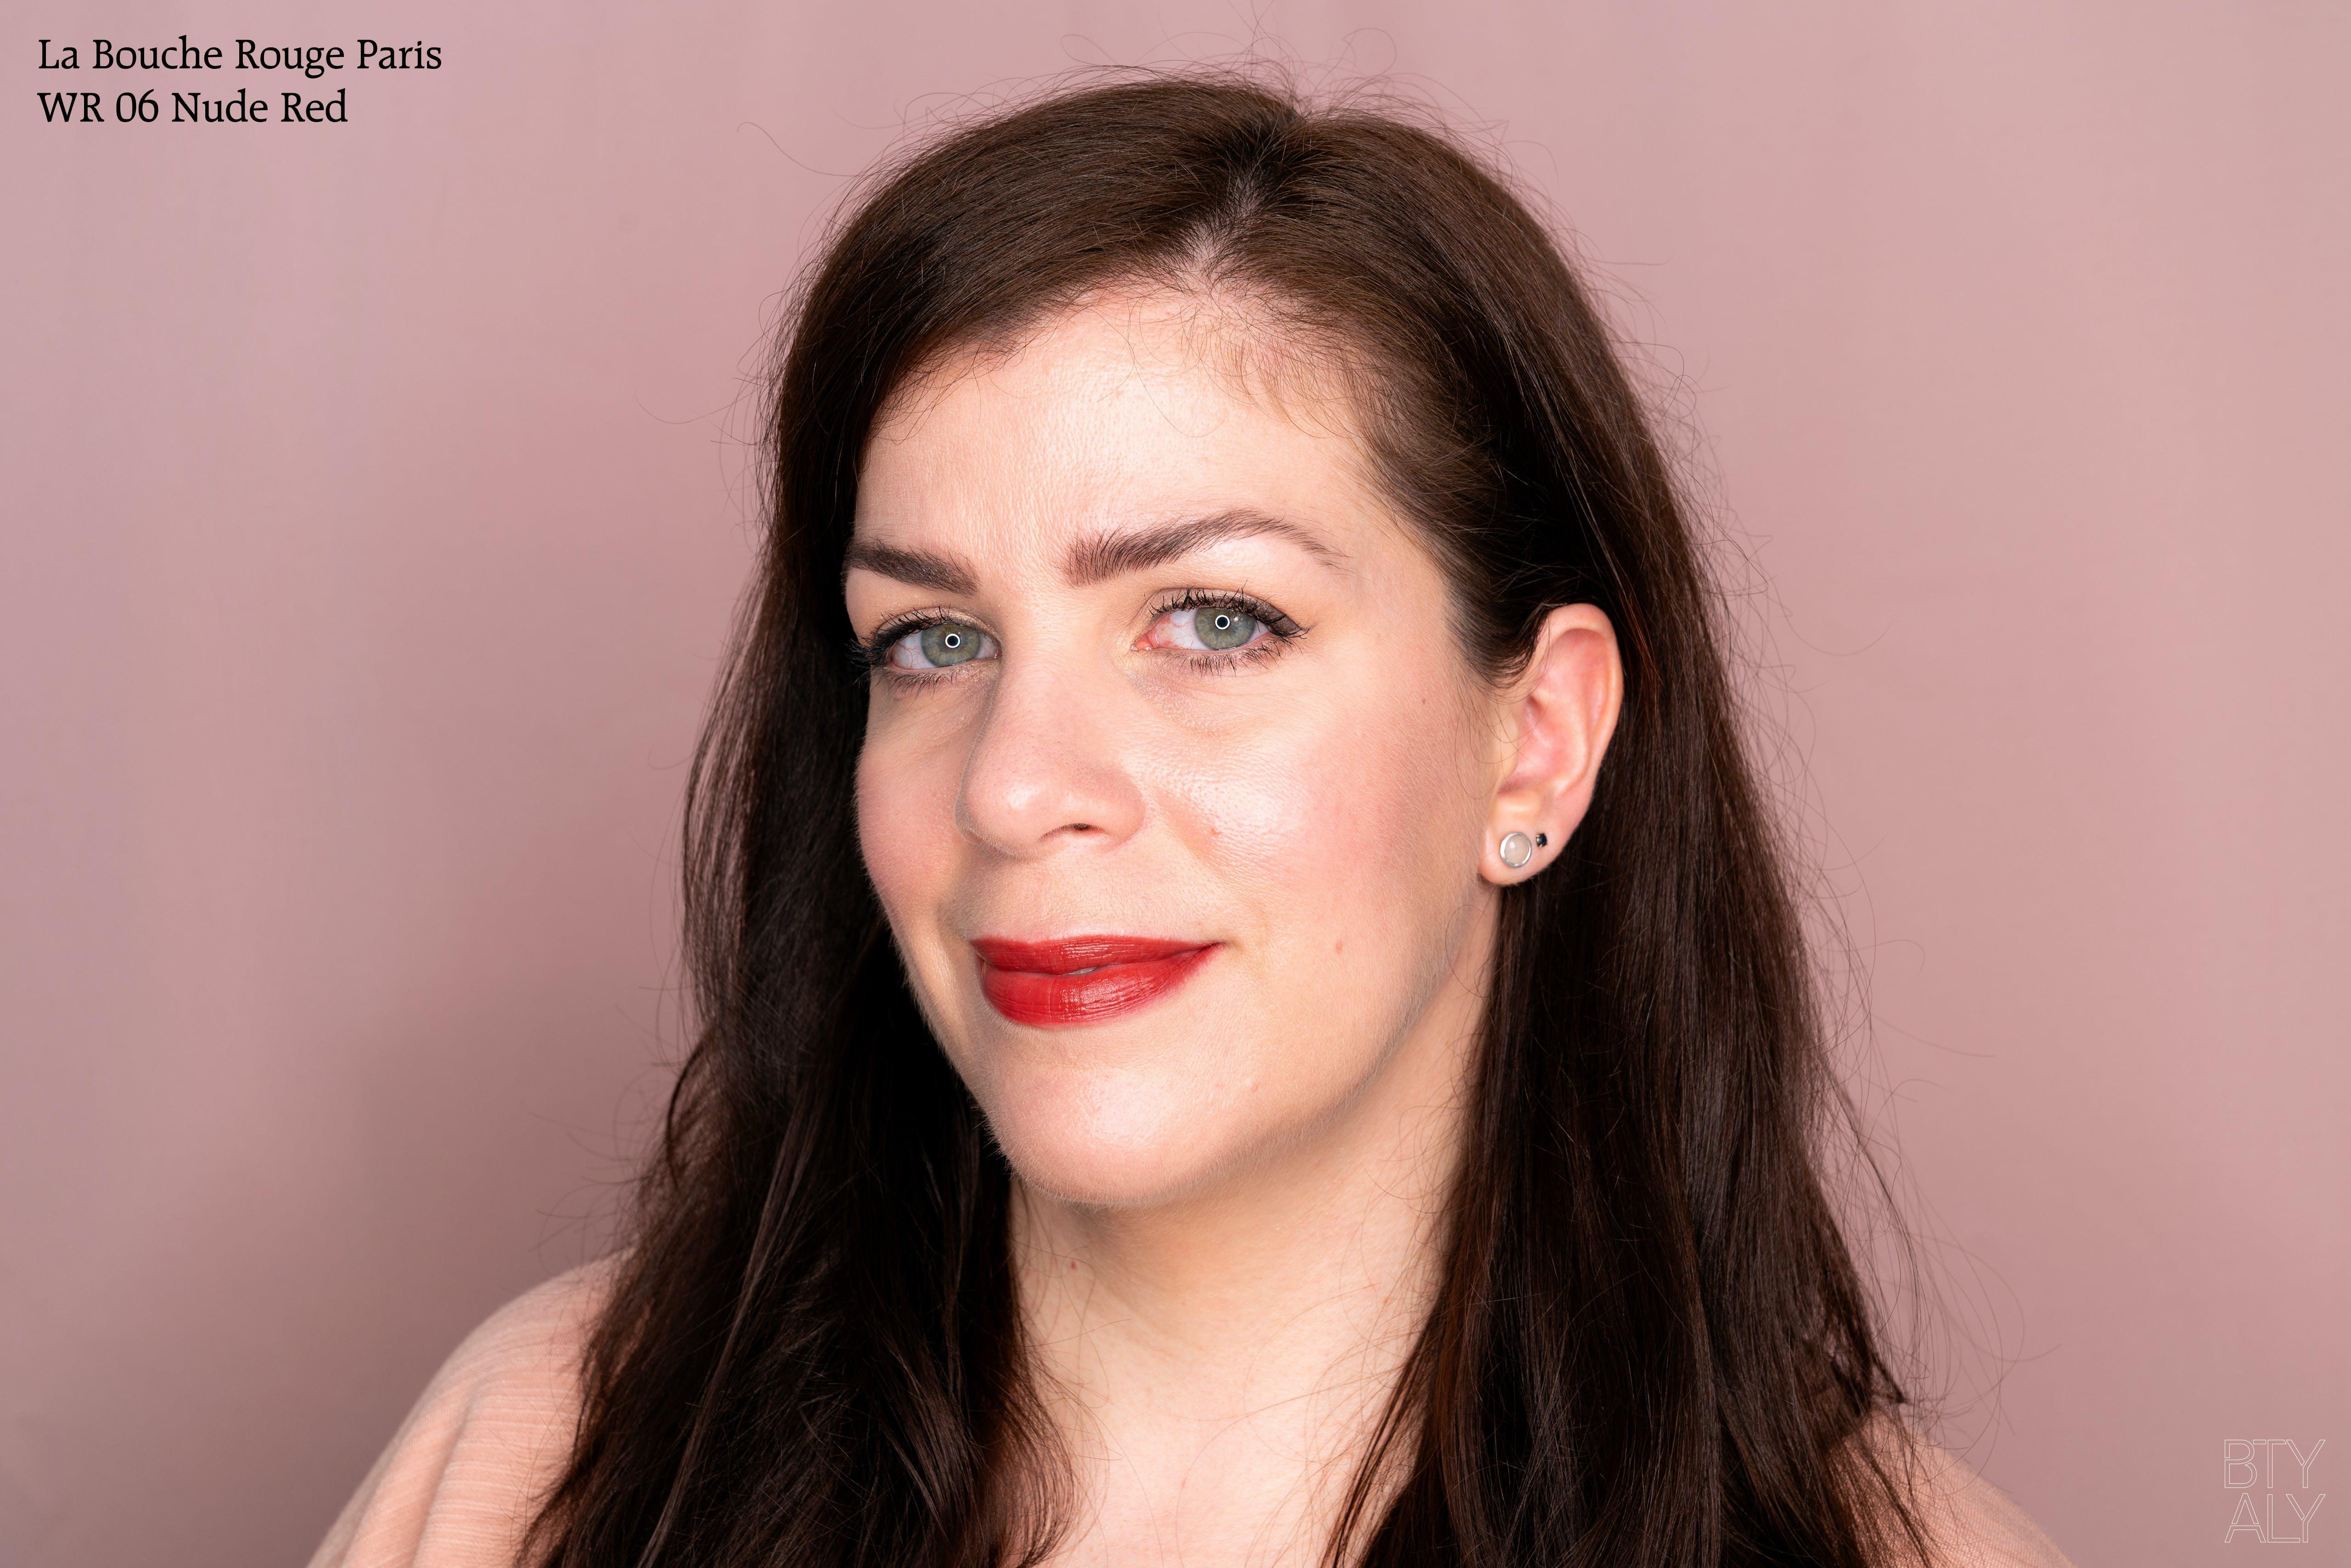 La Bouche Rouge Paris Nude Red Lip Swatch